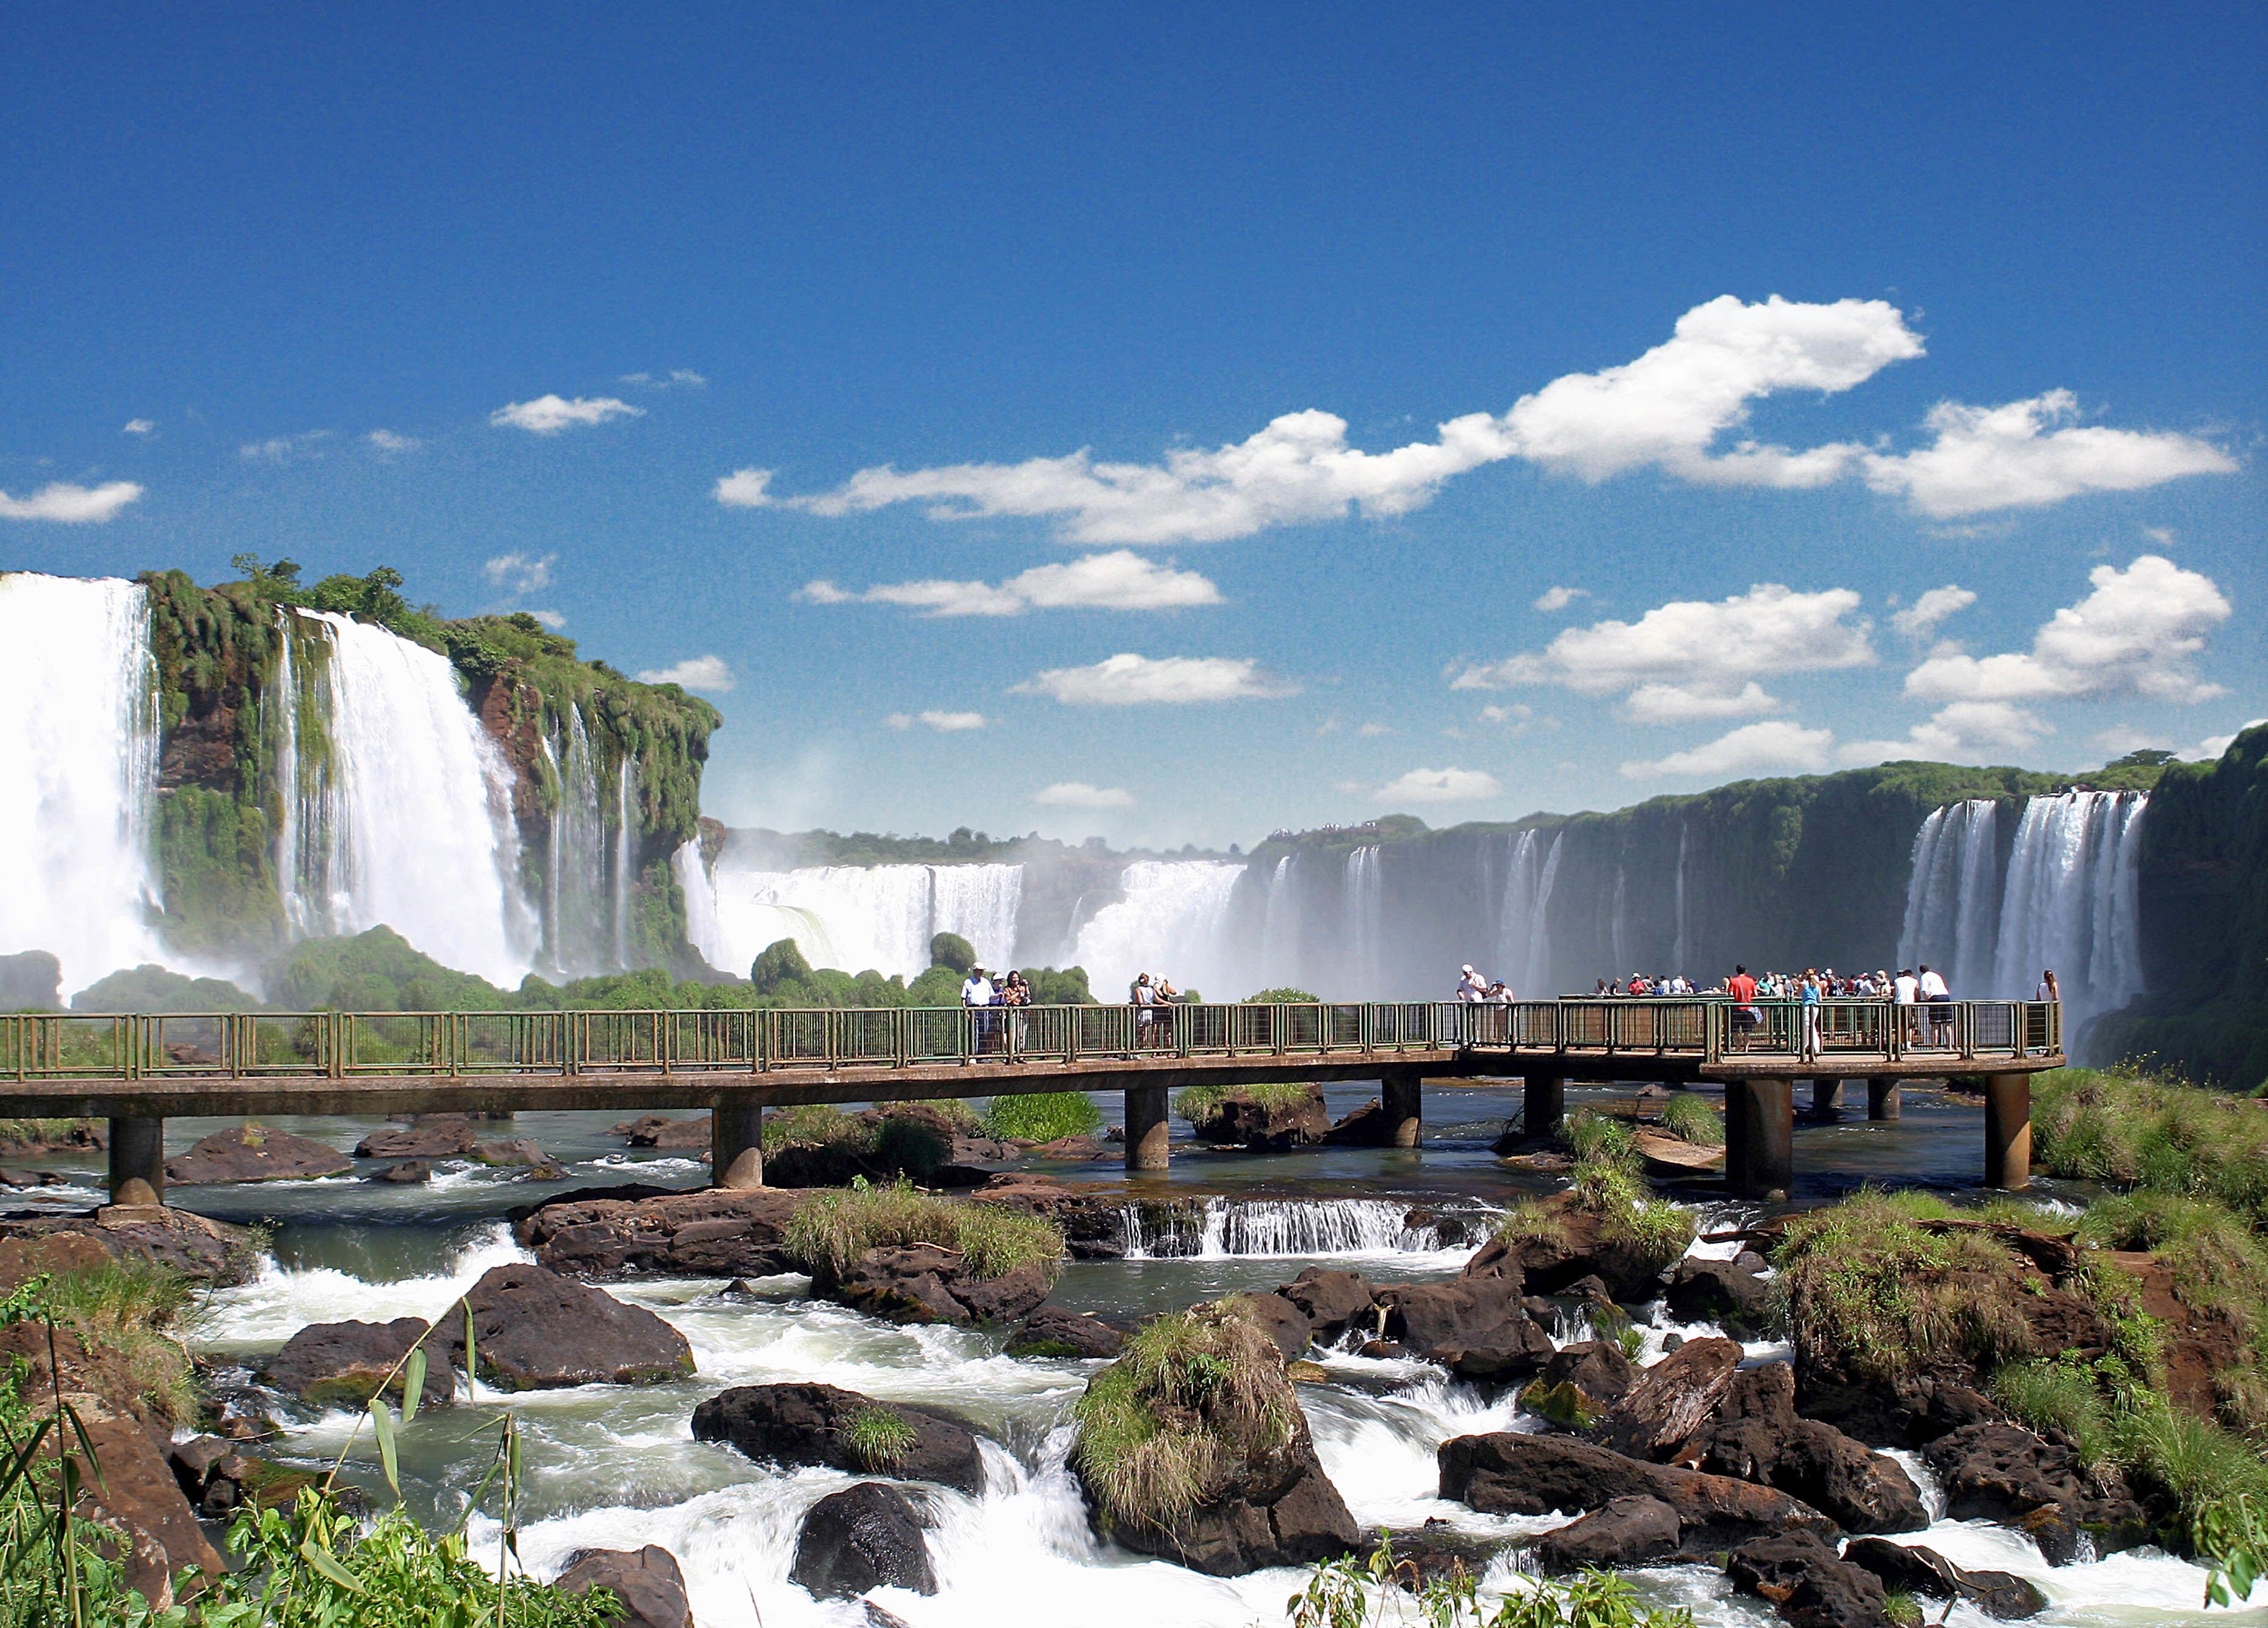 Passeio nas Cataratas de Iguaçu com passeio de lancha em Macuco